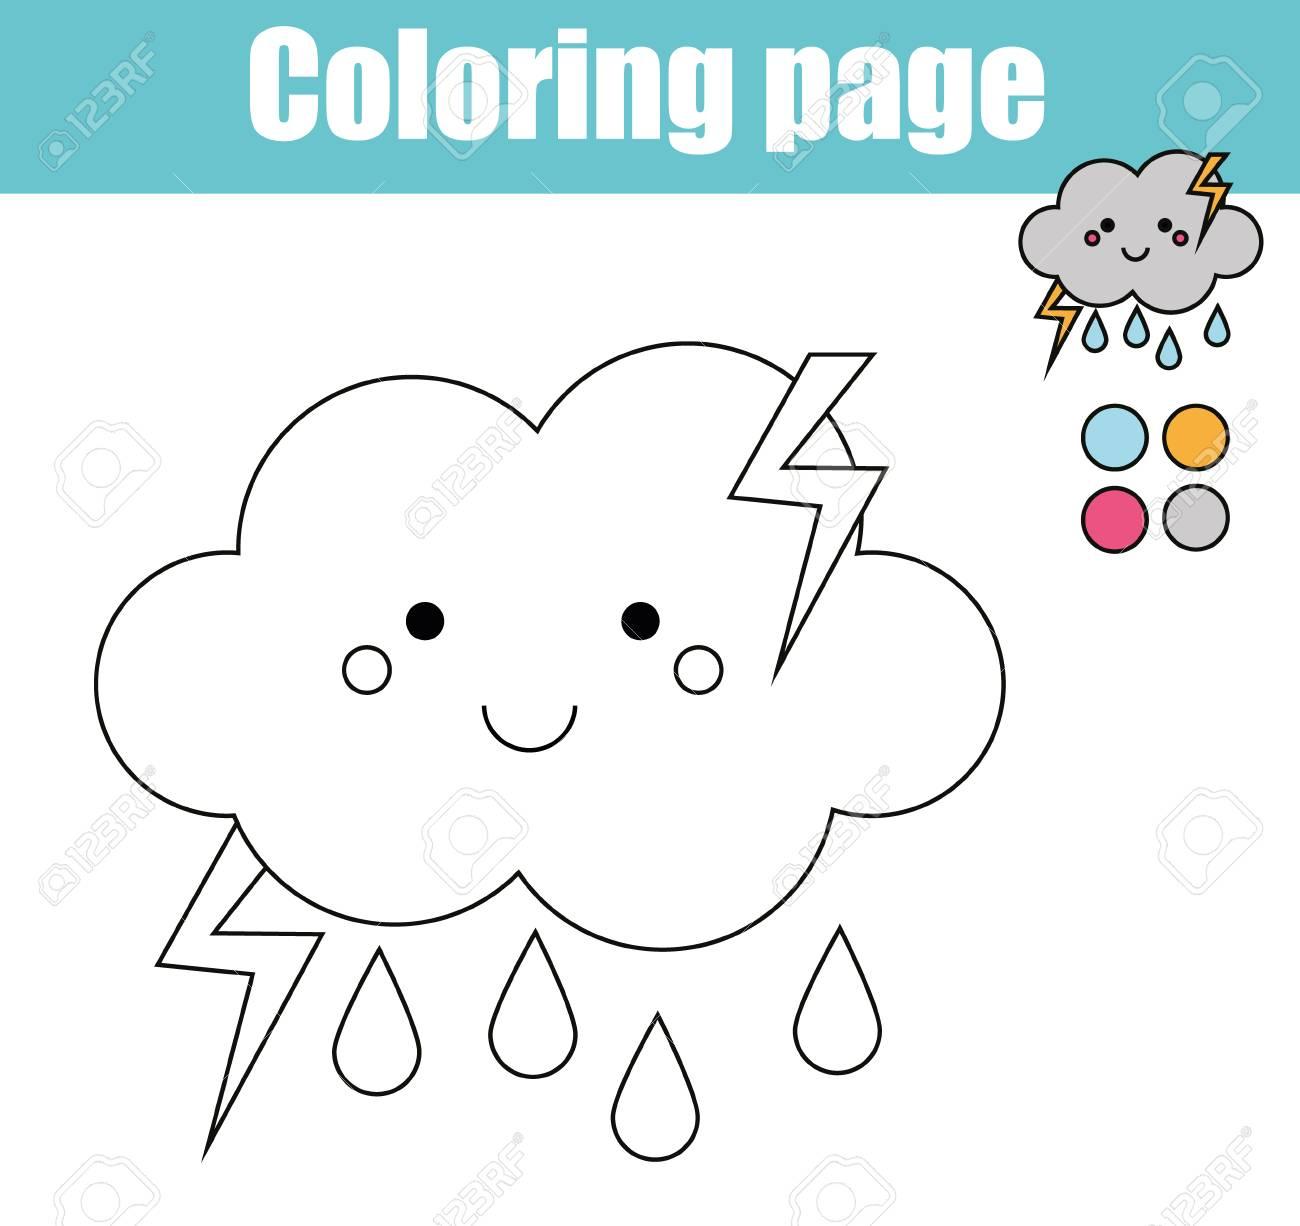 Vettoriale Pagina Da Colorare Con Simpatico Personaggio Delle